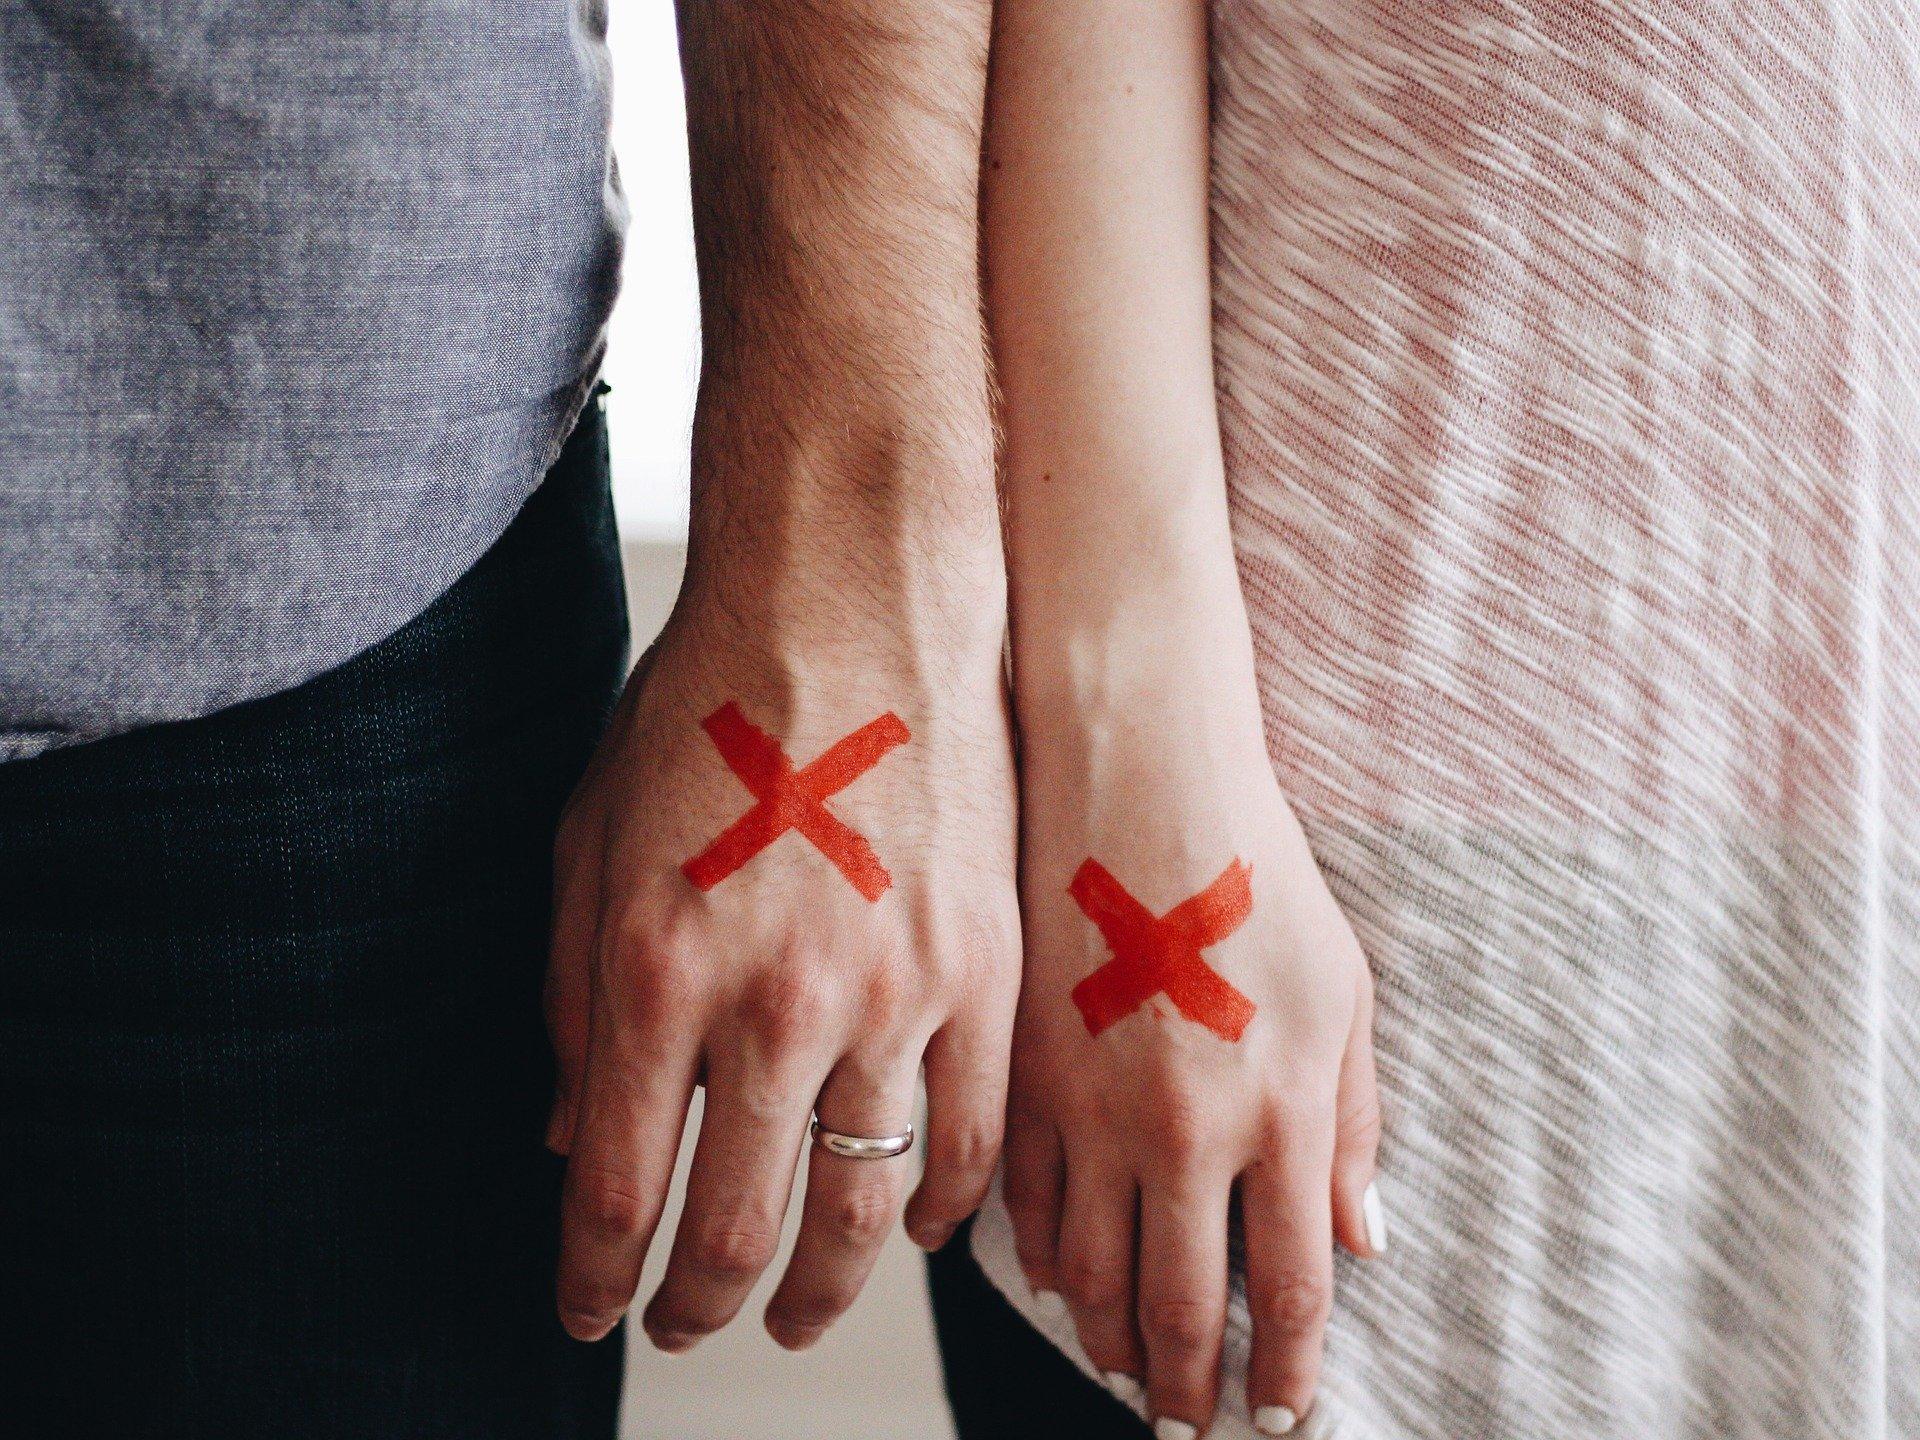 Tarjeta de Familiar Comunitario y Divorcio